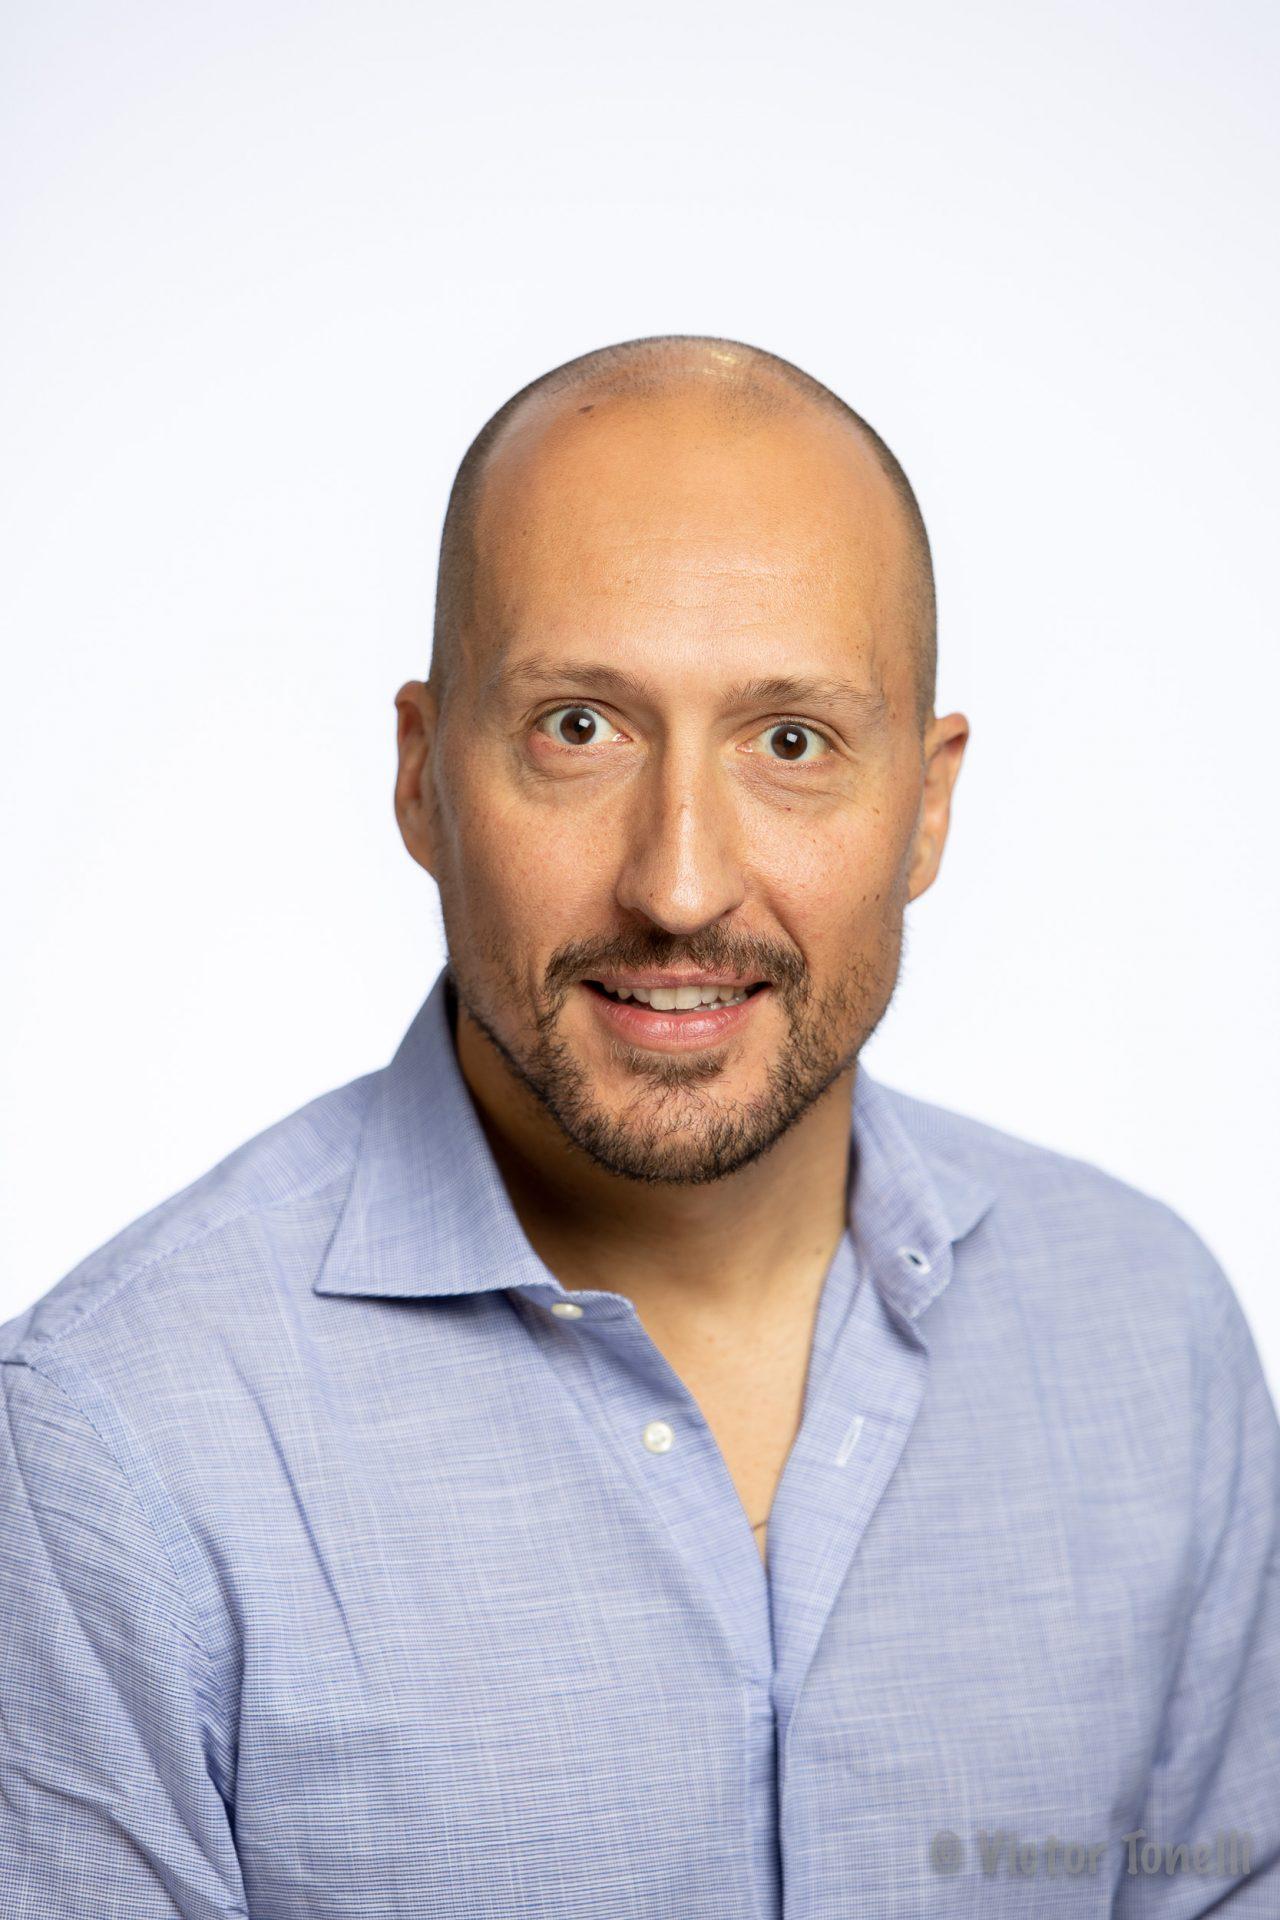 Formateur Arche Hypnose directeur Suisse